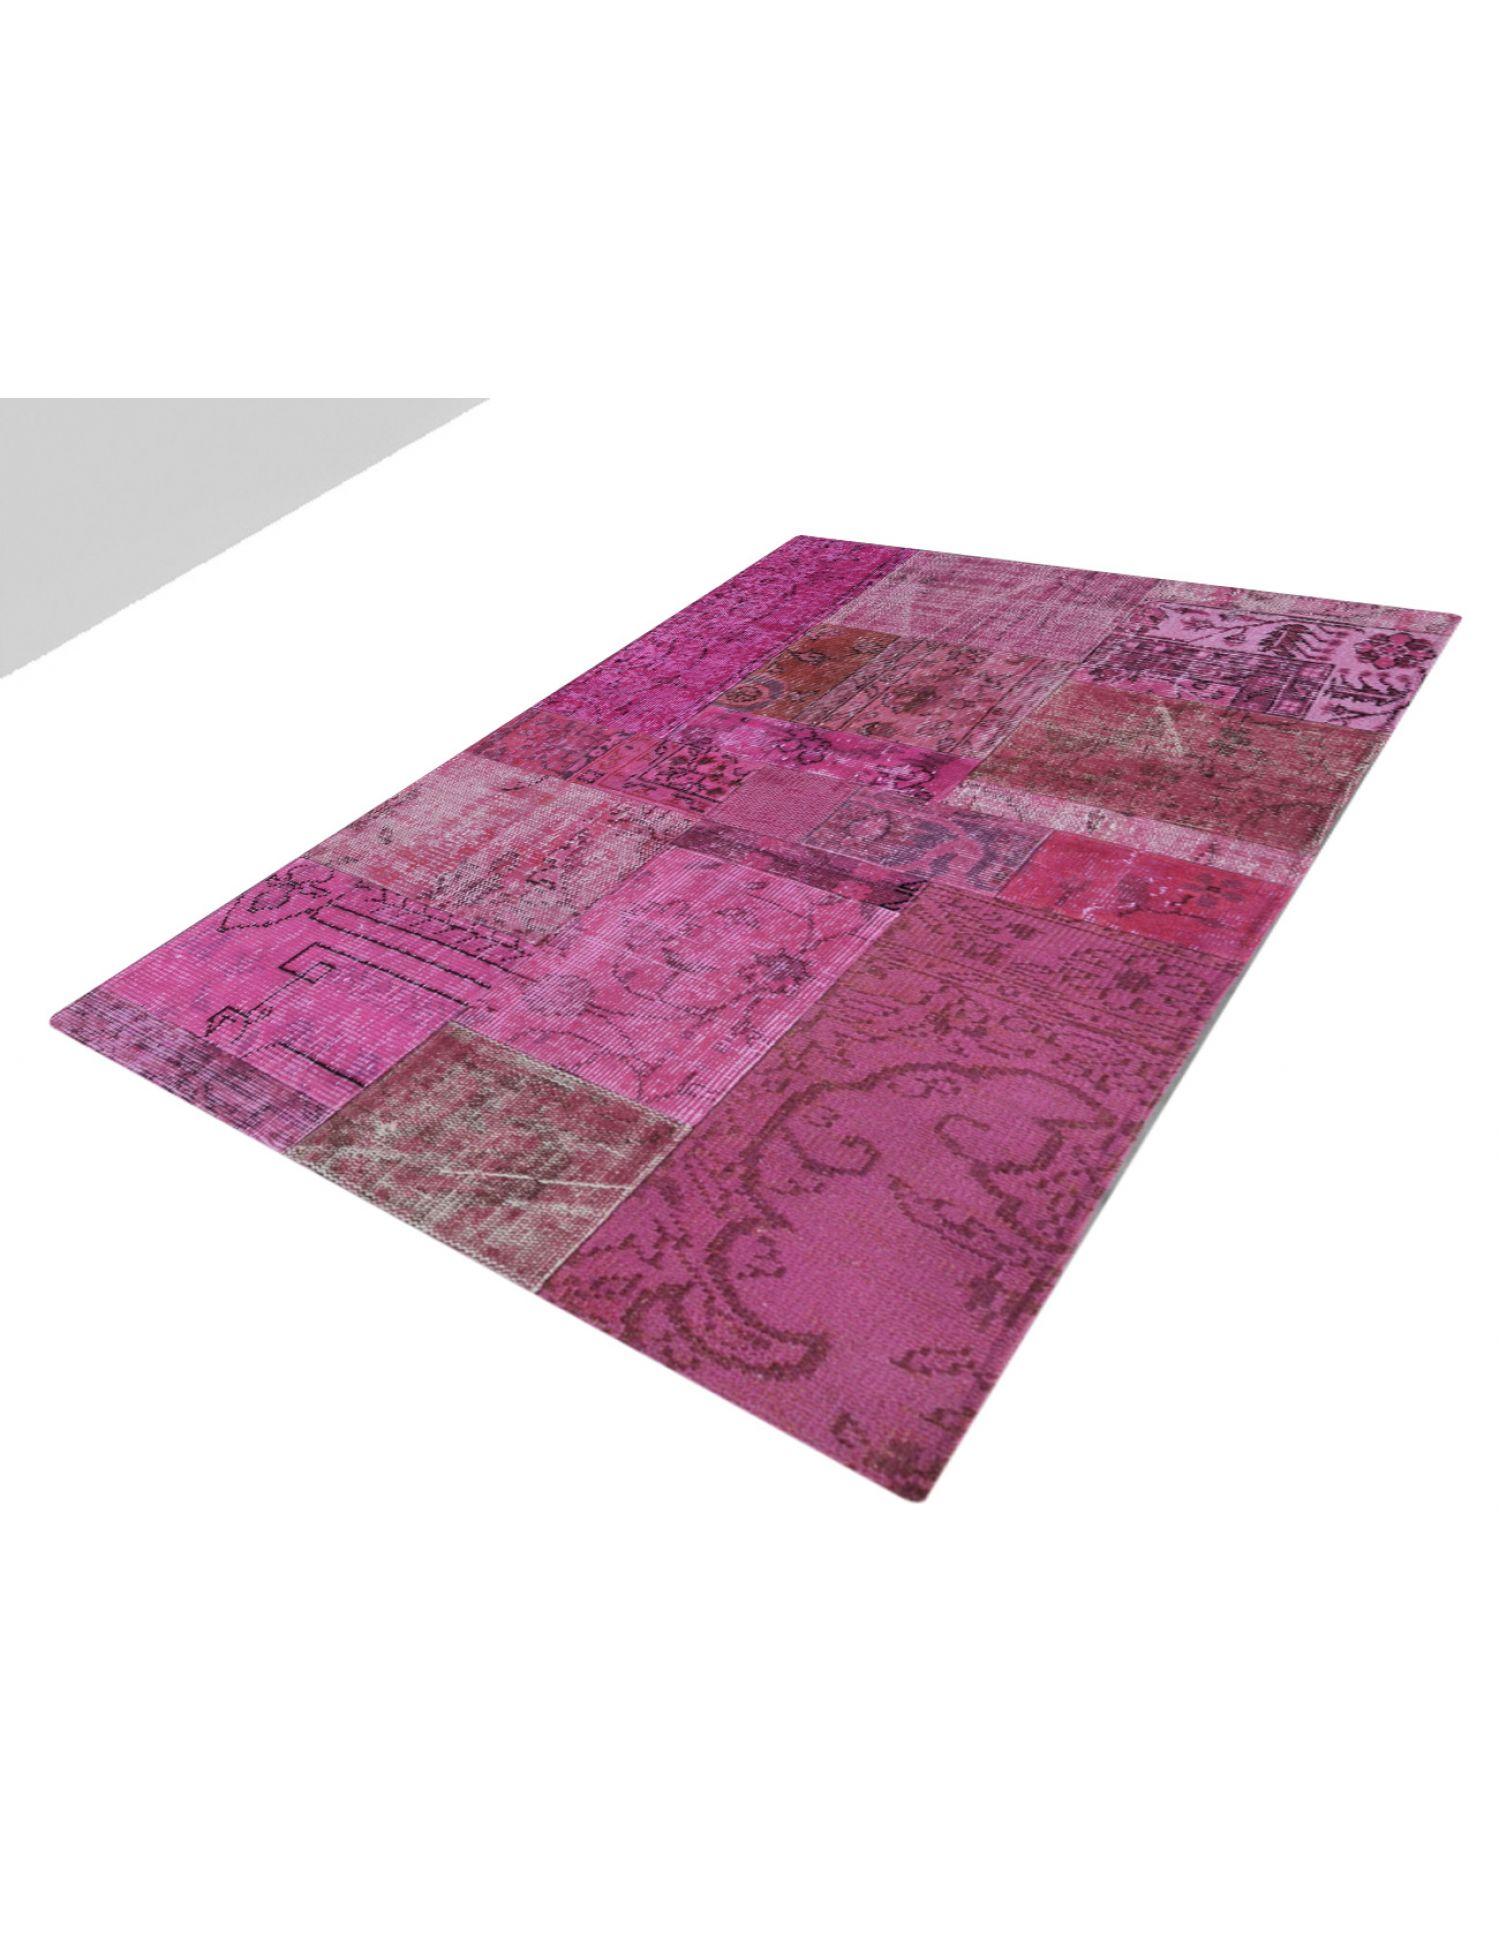 Patchwork Carpet   purple <br/>152 x 98 cm